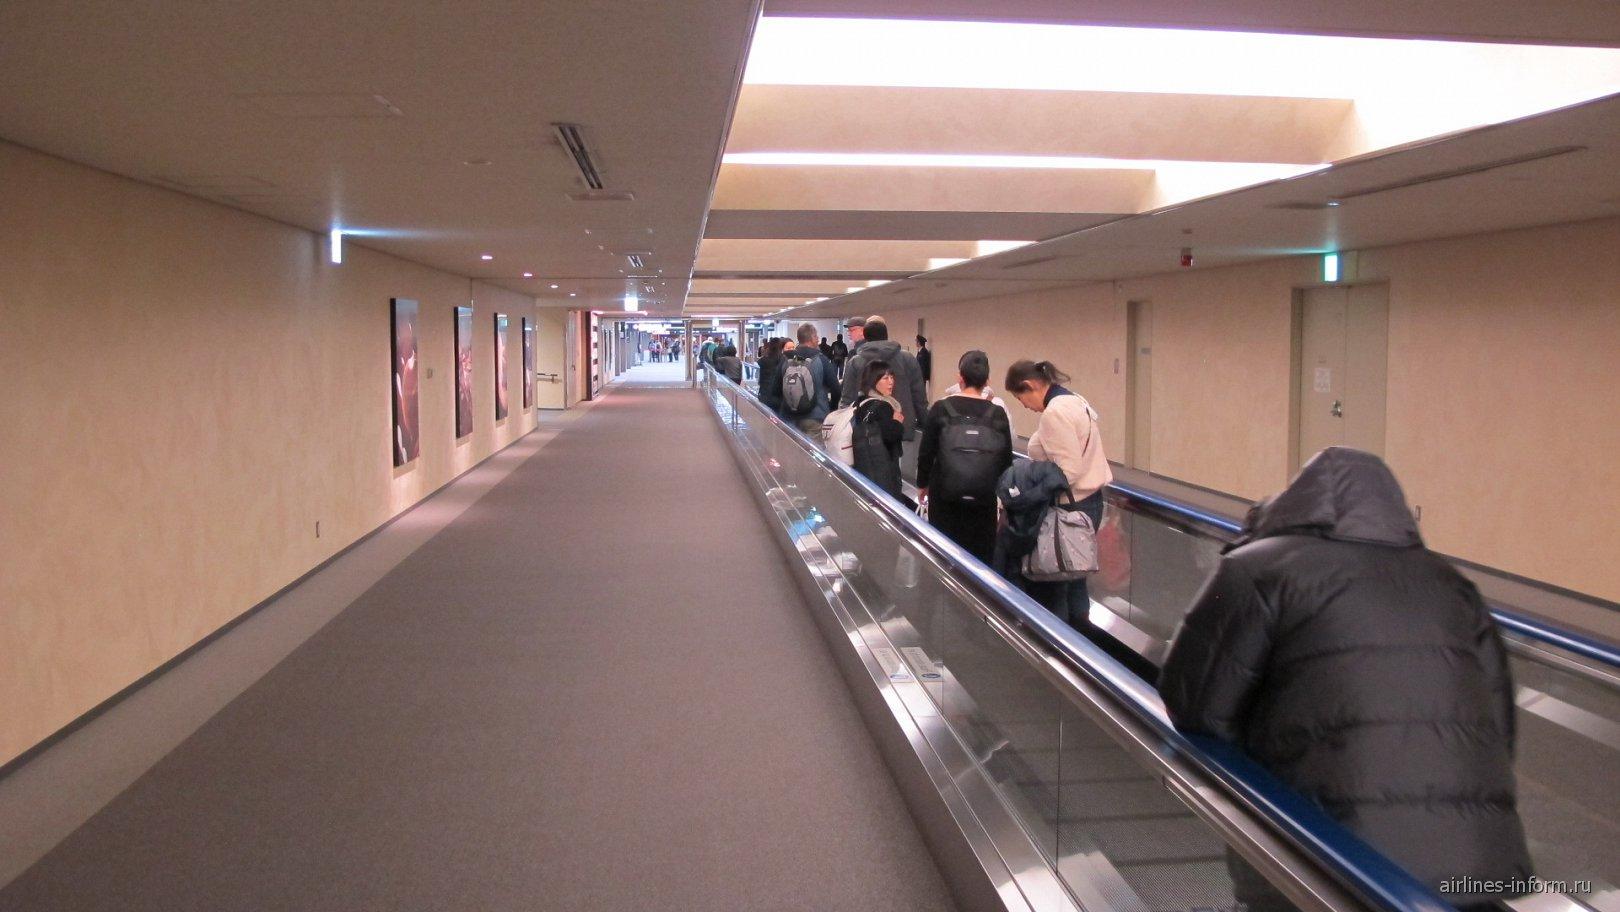 Переход в зоне прилета в аэропорту Токио Нарита